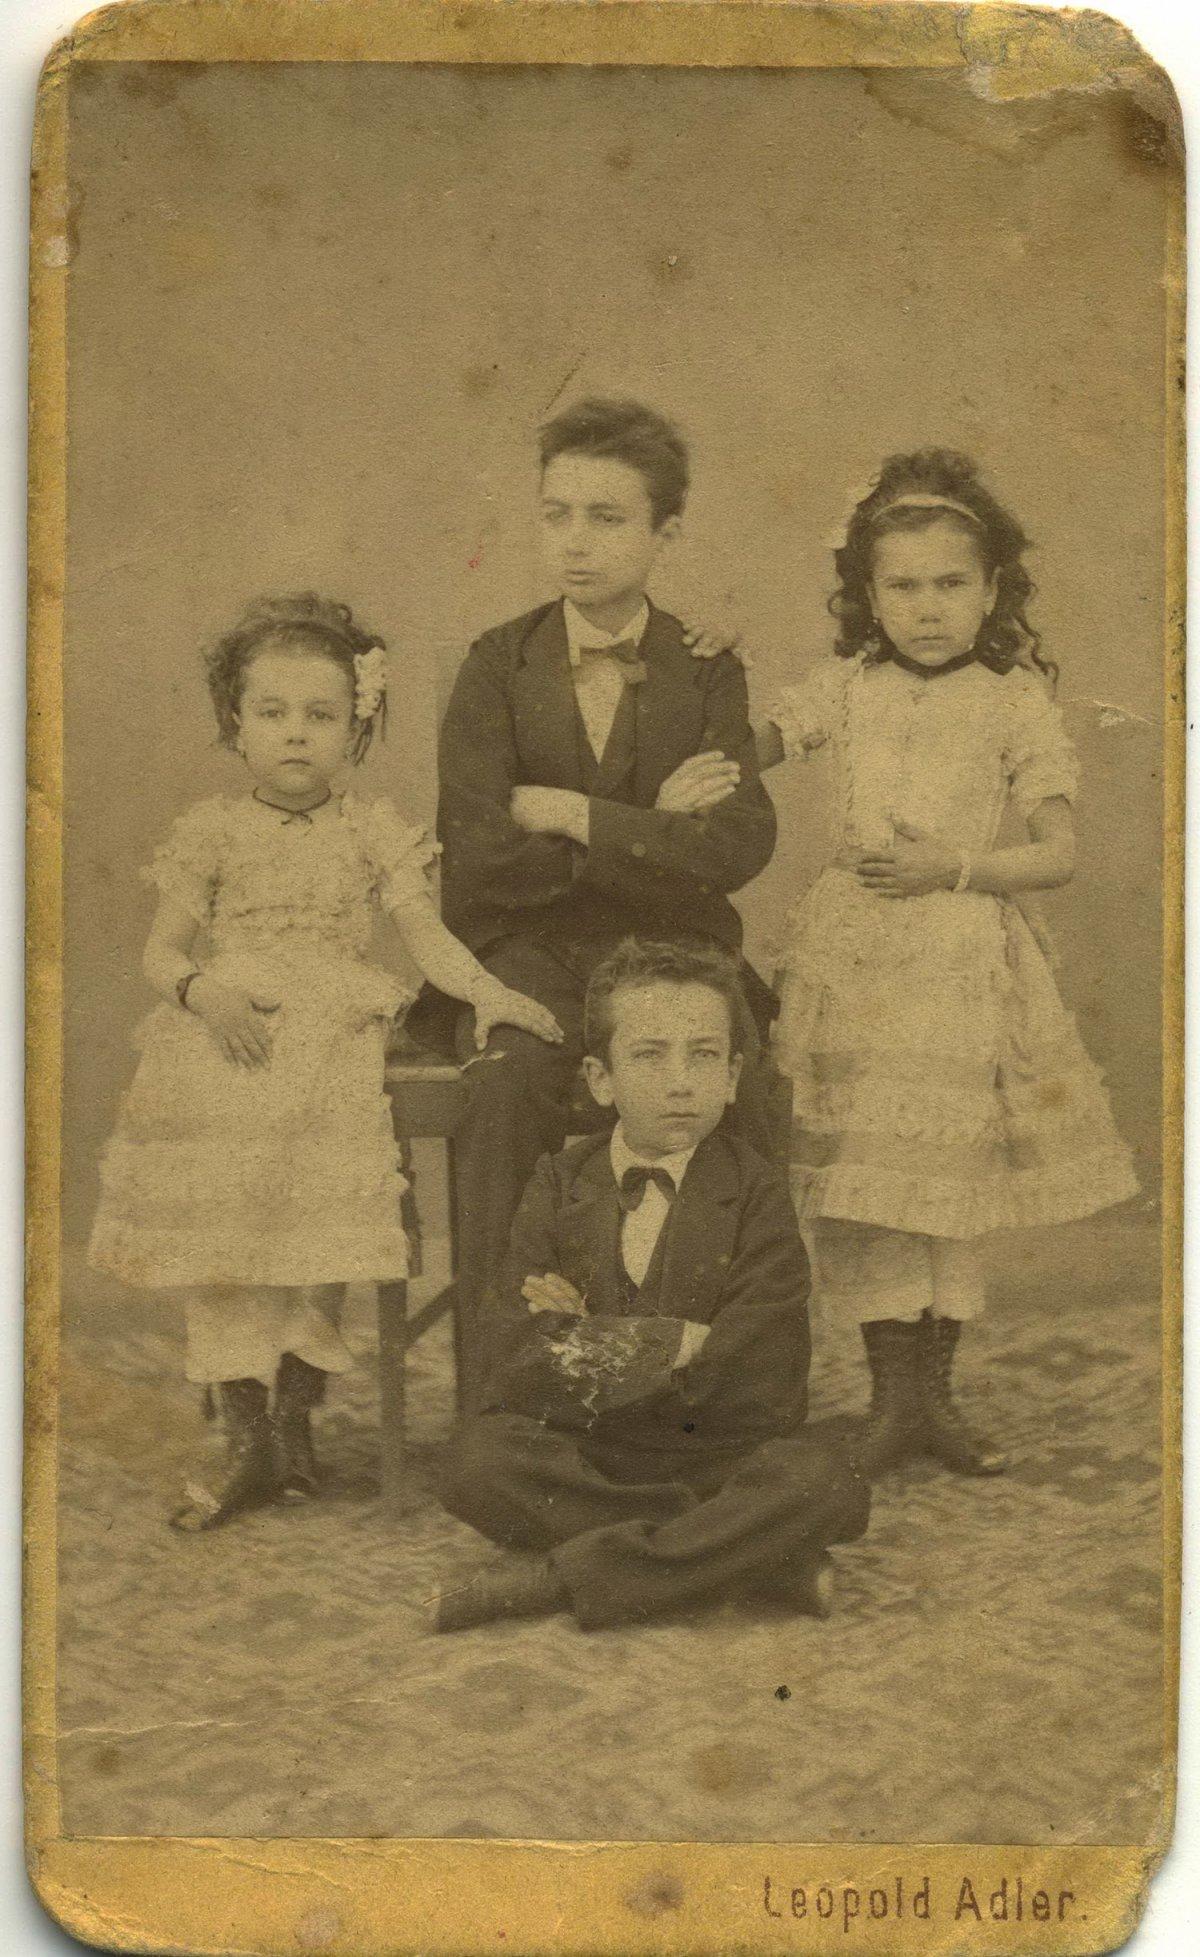 Az ükszülők, Bogdán István és Zakariás Anna gyermekei, 1862 •  Fotó: Nagy Gyöngyvér személyes archívuma